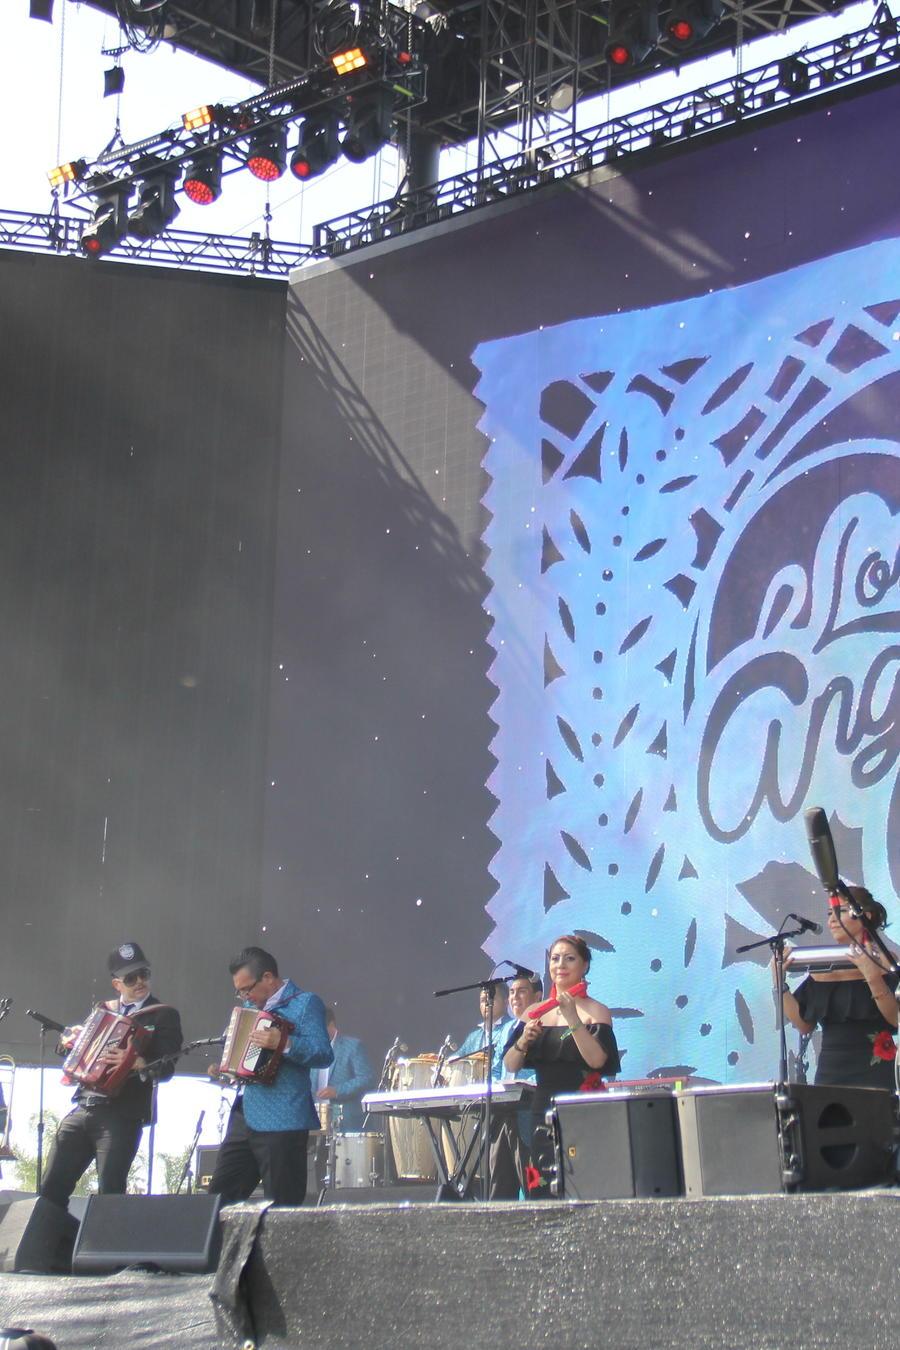 La cumbia ha trrascendido a los jóvenes que asistieron a uno de los festivales de música más grandes del mundo.